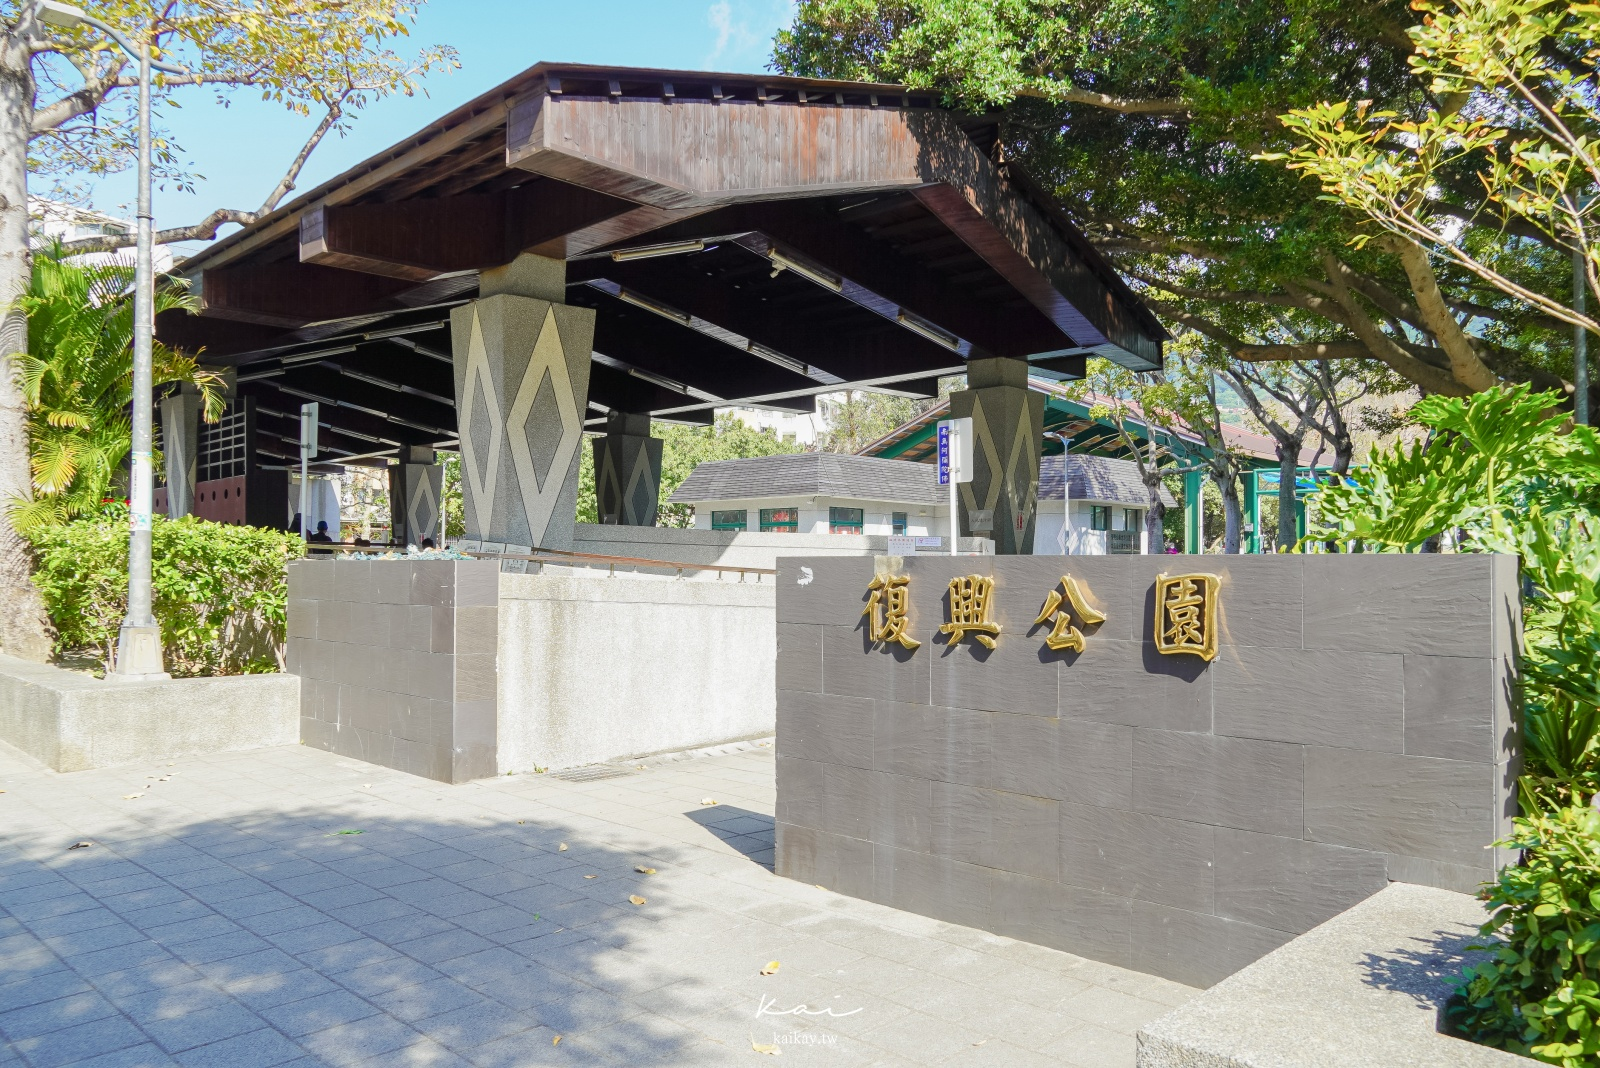 ☆【台北|新北投】捷運就可到!台北最便利「無料」溫泉足湯、手湯。復興公園、星川亭遊記